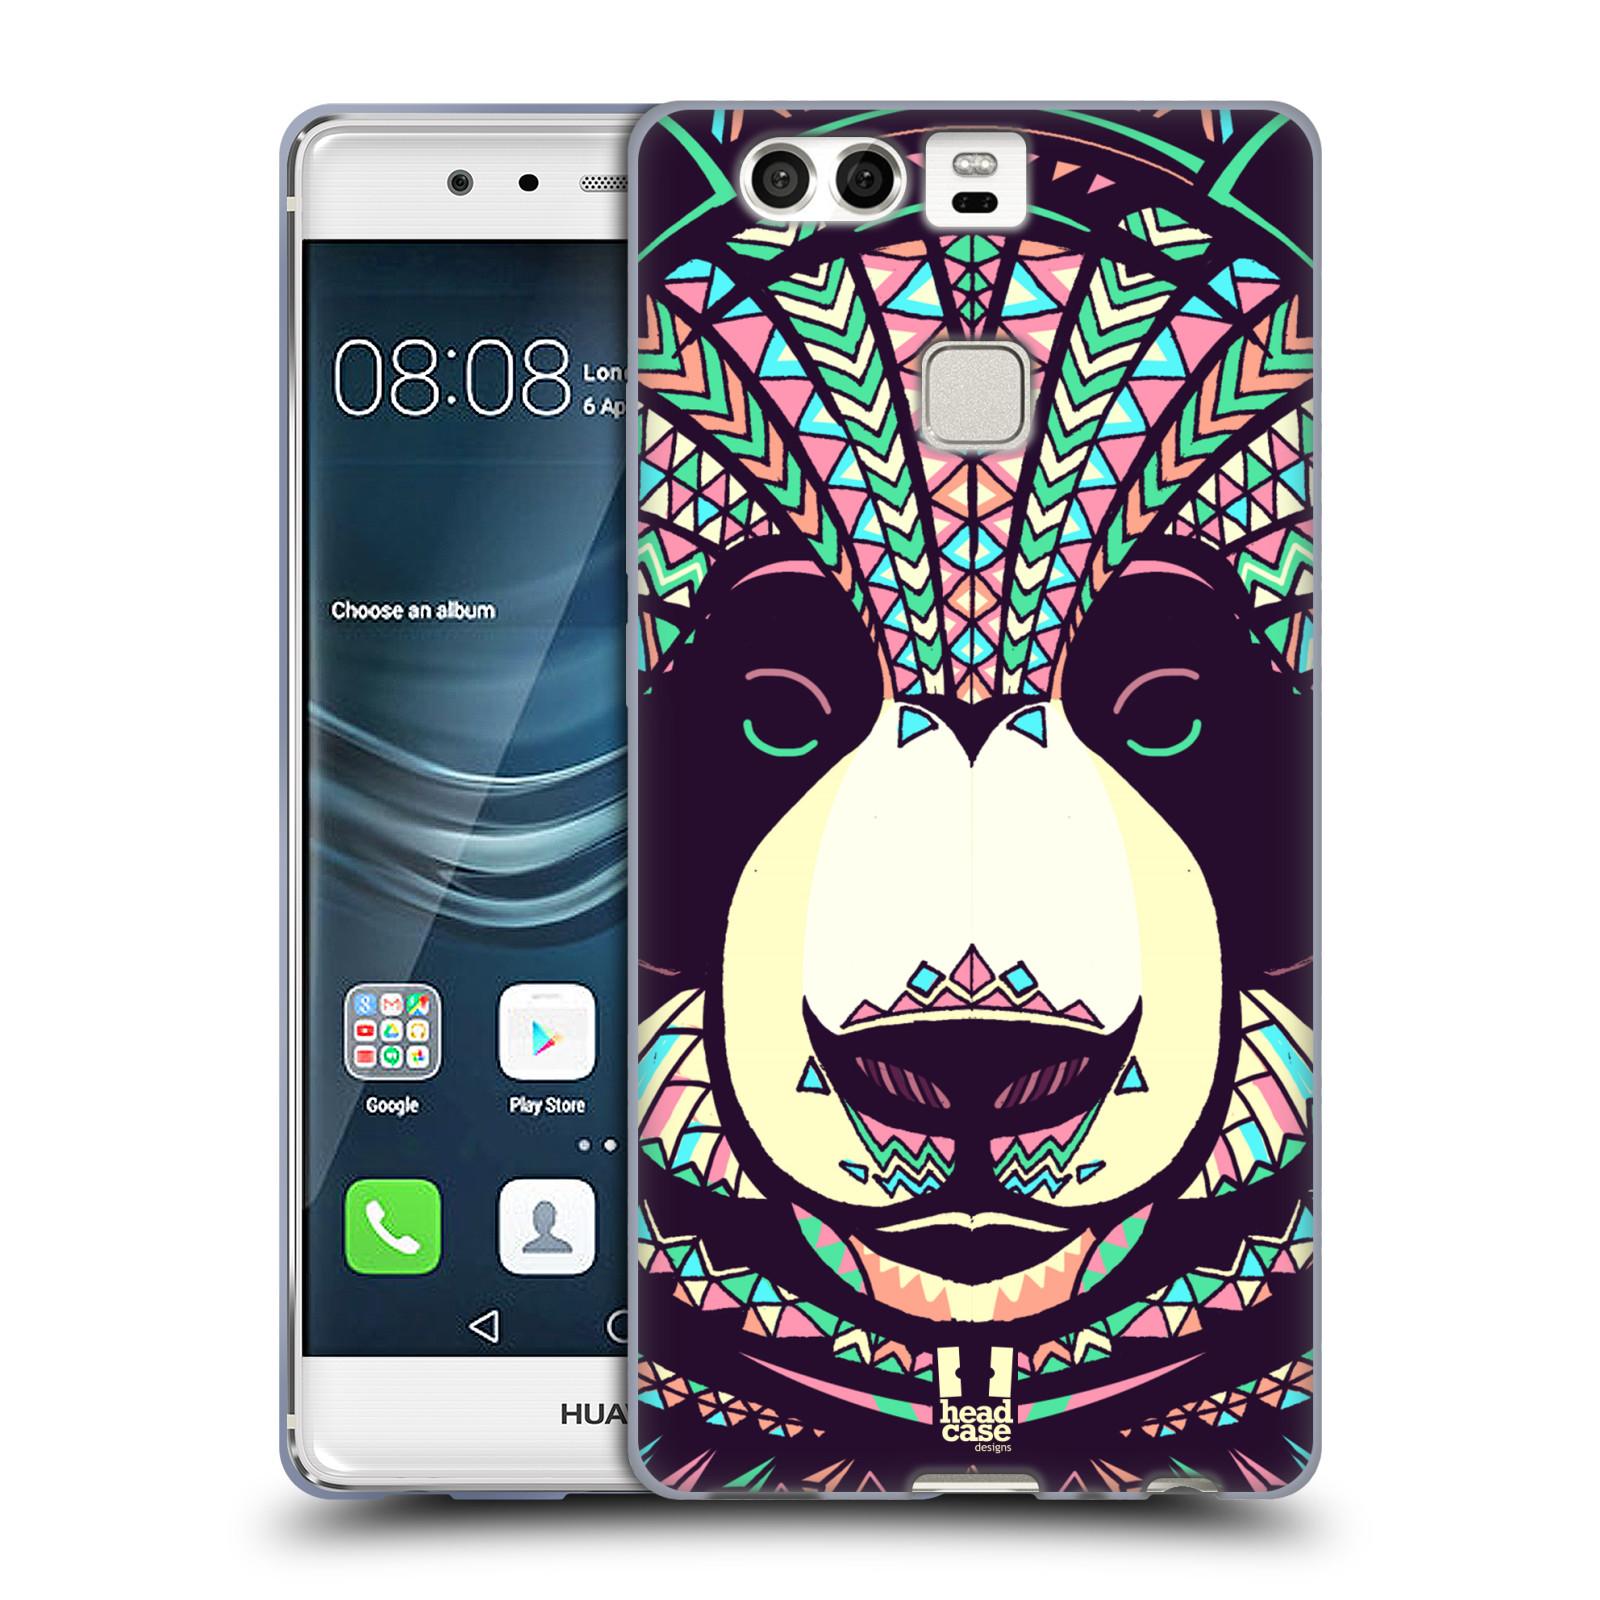 HEAD CASE silikonový obal na mobil Huawei P9 / P9 DUAL SIM vzor Aztécký motiv zvíře 3 panda